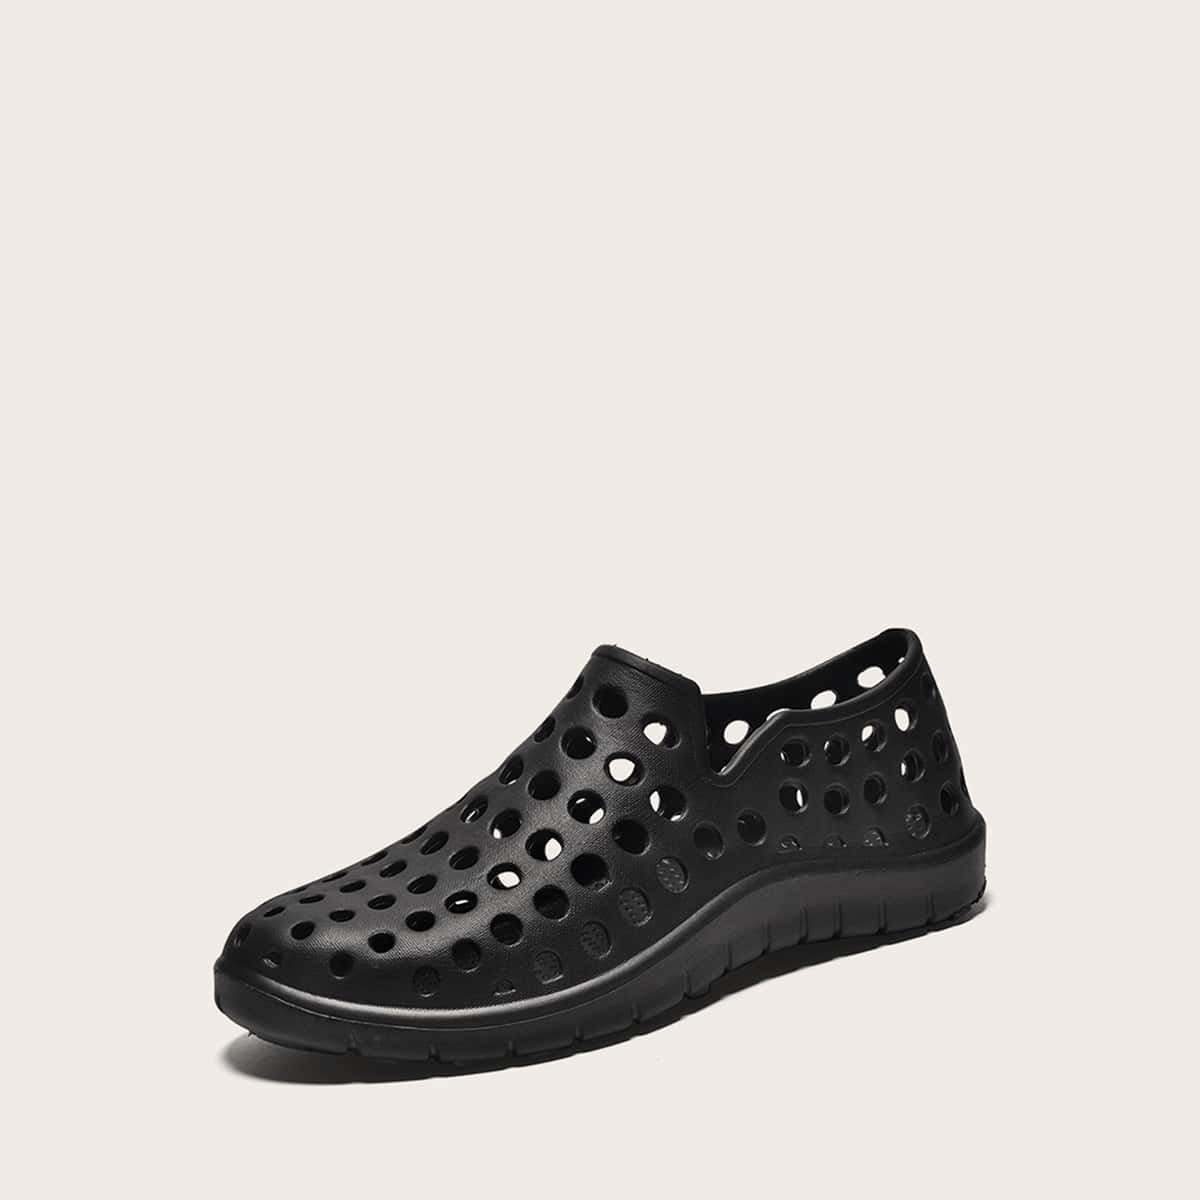 Minimalistische holle sandalen voor heren